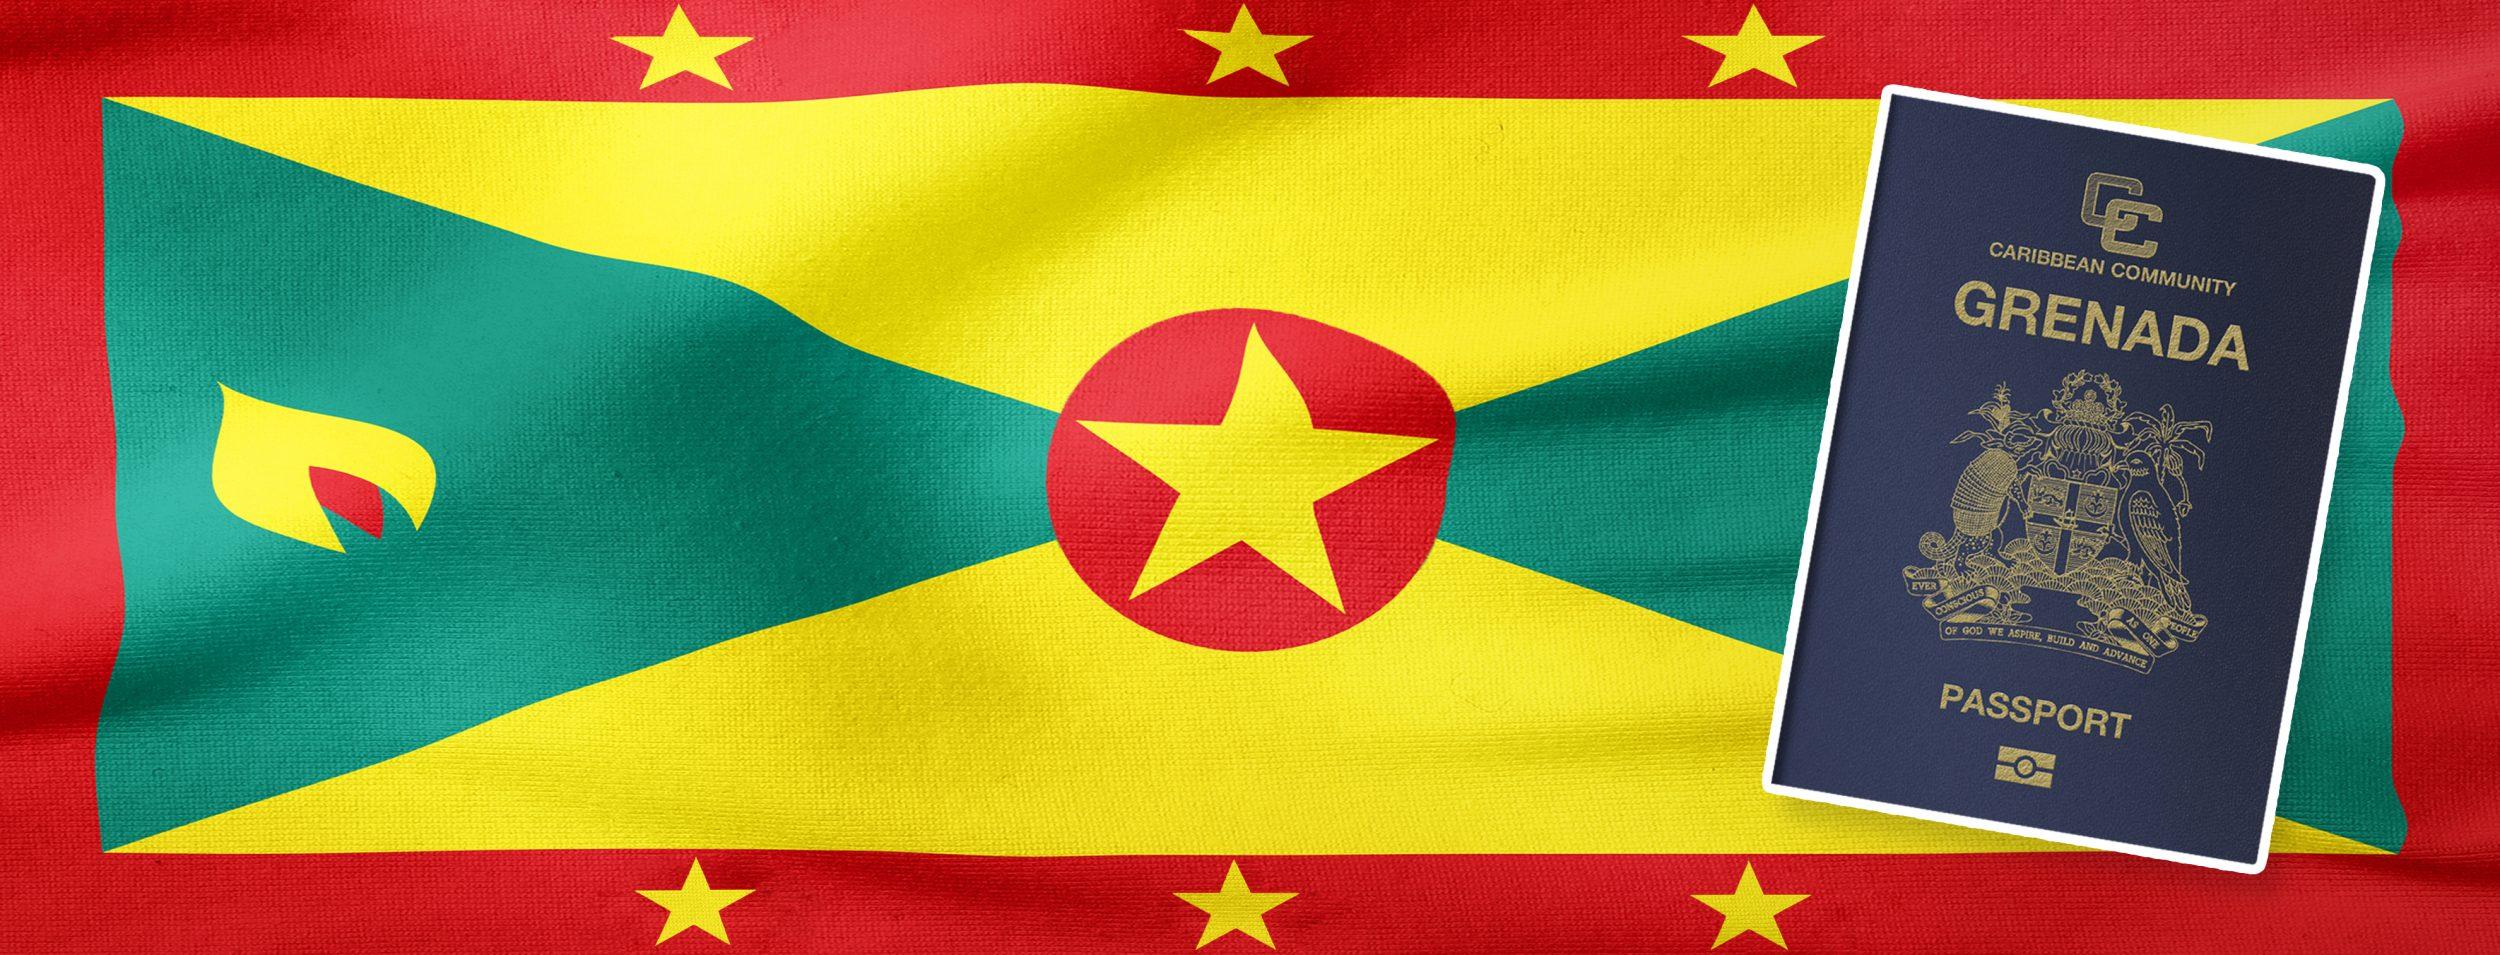 Grenada Quốc tịch Caribbean duy nhất đủ điều kiện xin Visa Mỹ E-2. Tự do đi lại 144 quốc gia (banner)